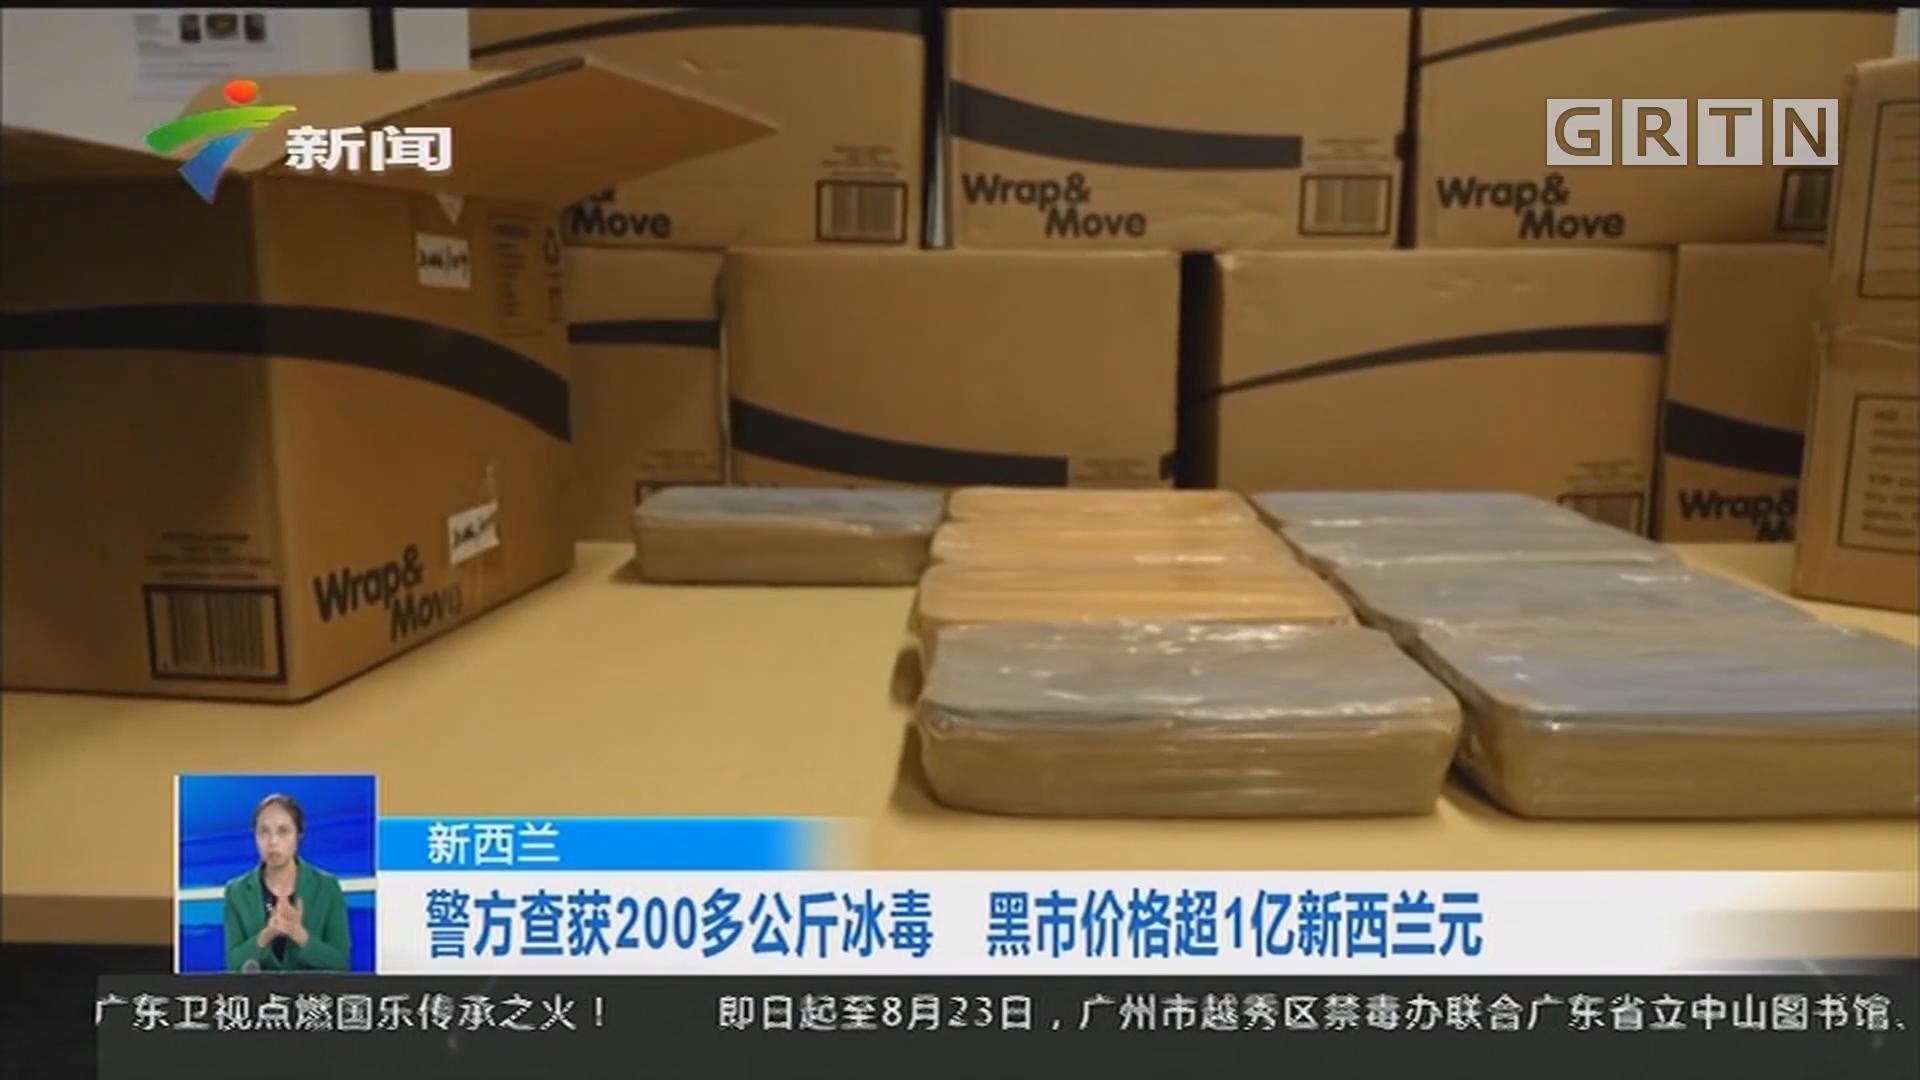 新西兰:警方查获200多公斤冰毒 黑市价格超1亿新西兰元